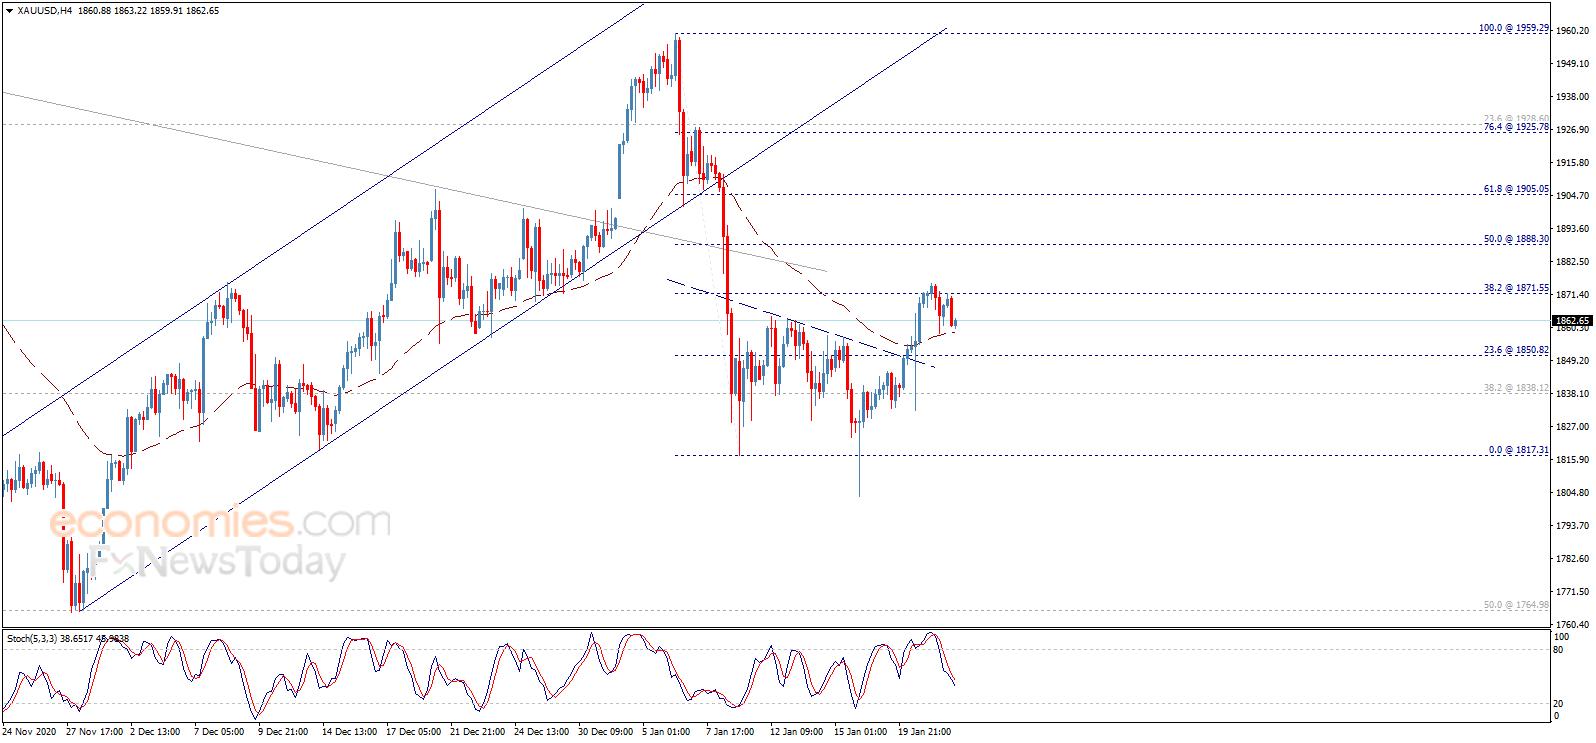 黄金日内交易分析:一旦跌破这一关键支撑位 金价恐面临大跌风险